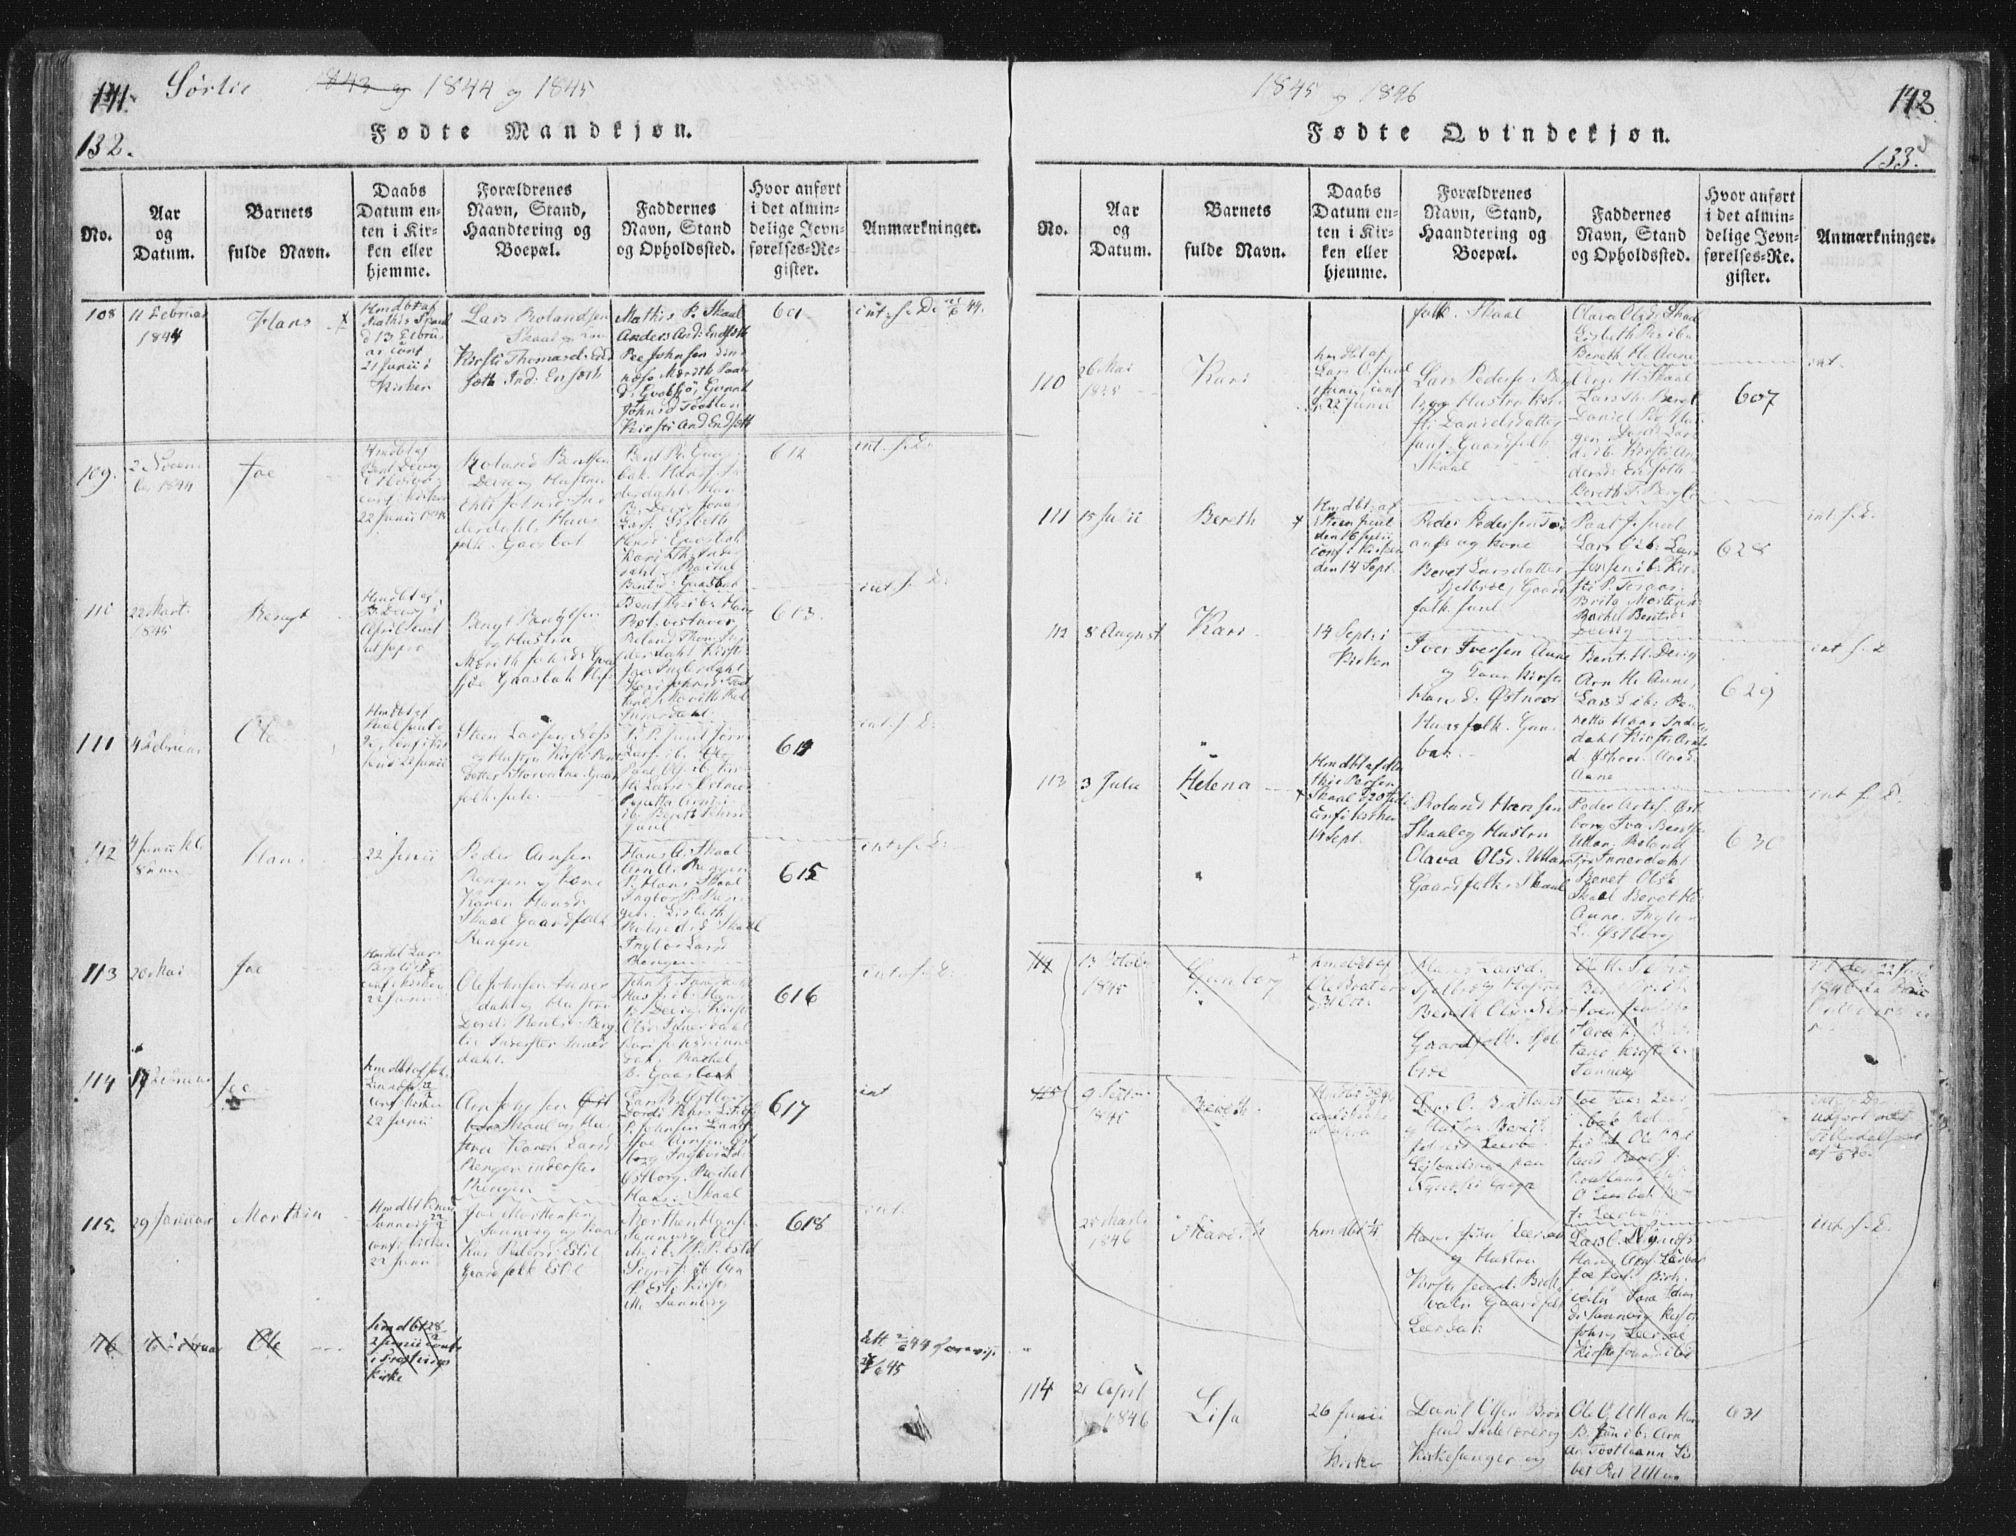 SAT, Ministerialprotokoller, klokkerbøker og fødselsregistre - Nord-Trøndelag, 755/L0491: Ministerialbok nr. 755A01 /2, 1817-1864, s. 132-133